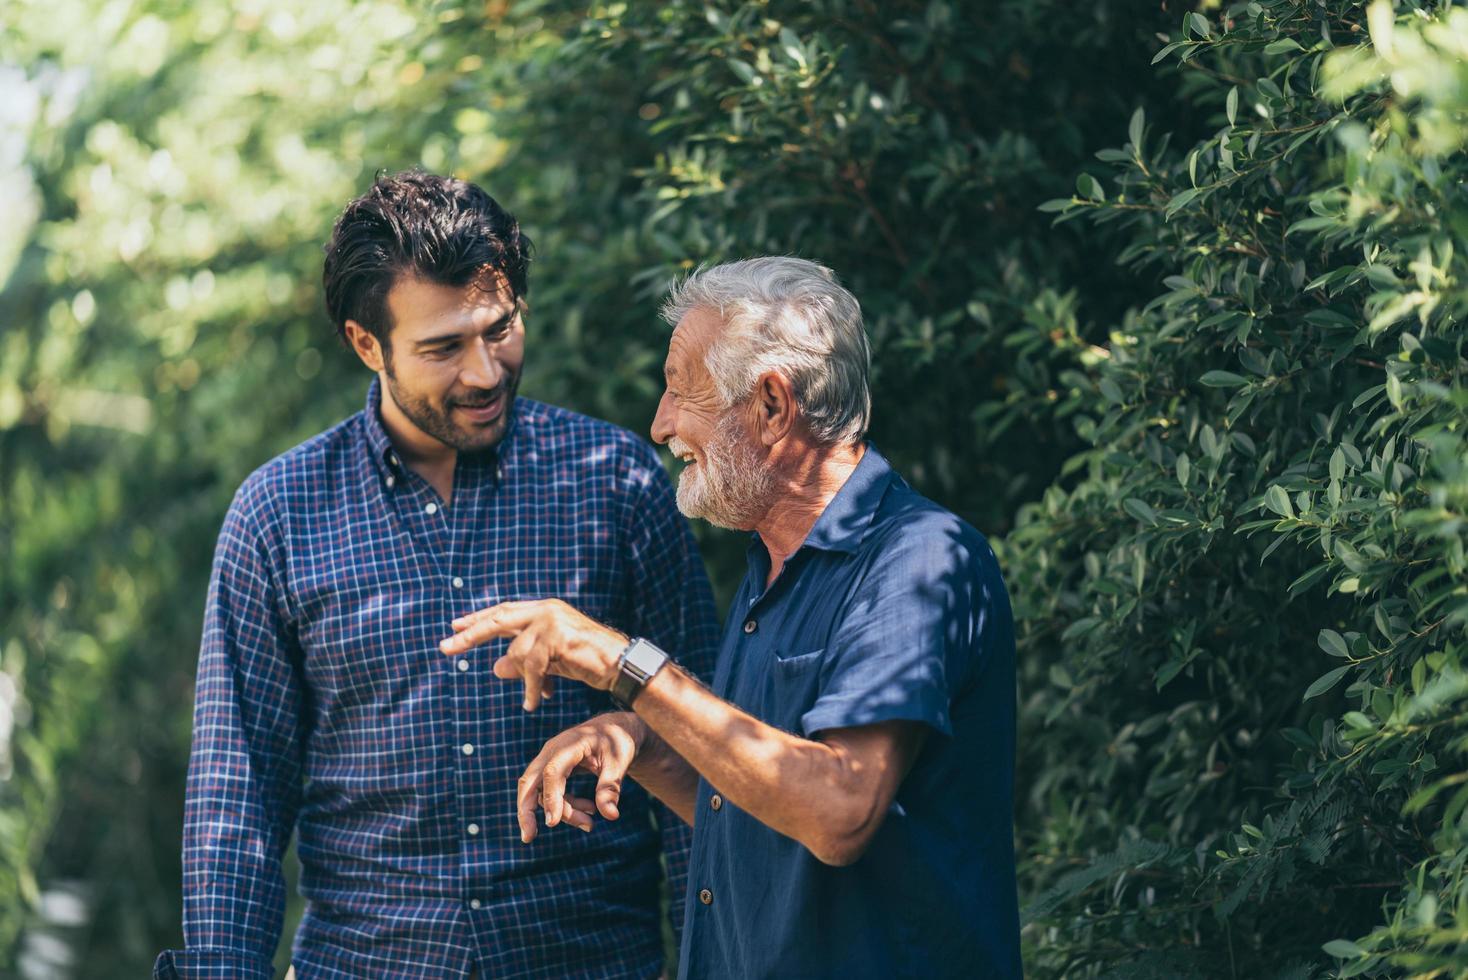 alter Vater und erwachsener Sohn entspannen sich im Hinterhof foto